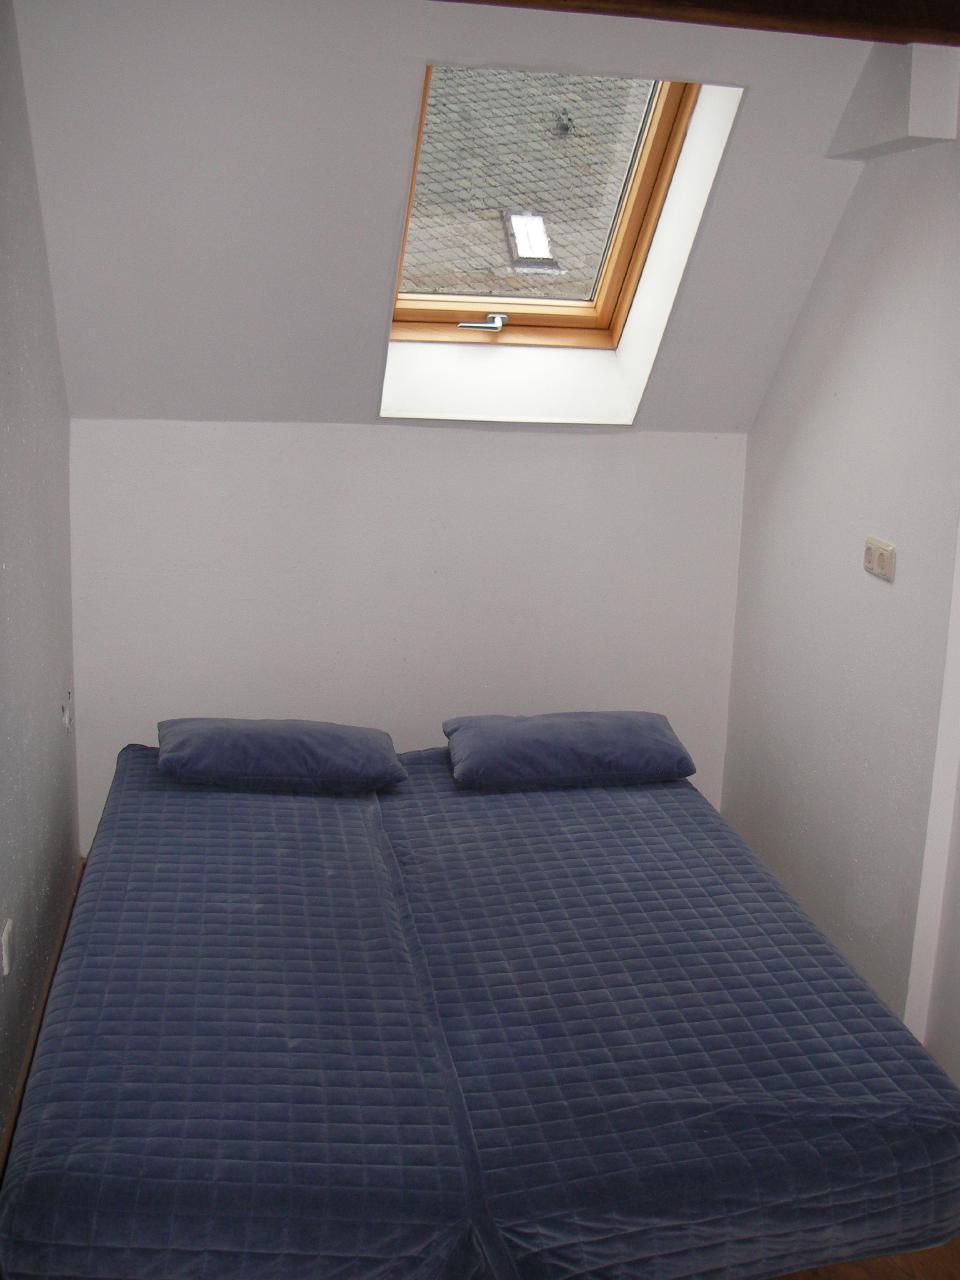 Ferienhaus Haus Hermann (993408), Presseck, Frankenwald, Bayern, Deutschland, Bild 17